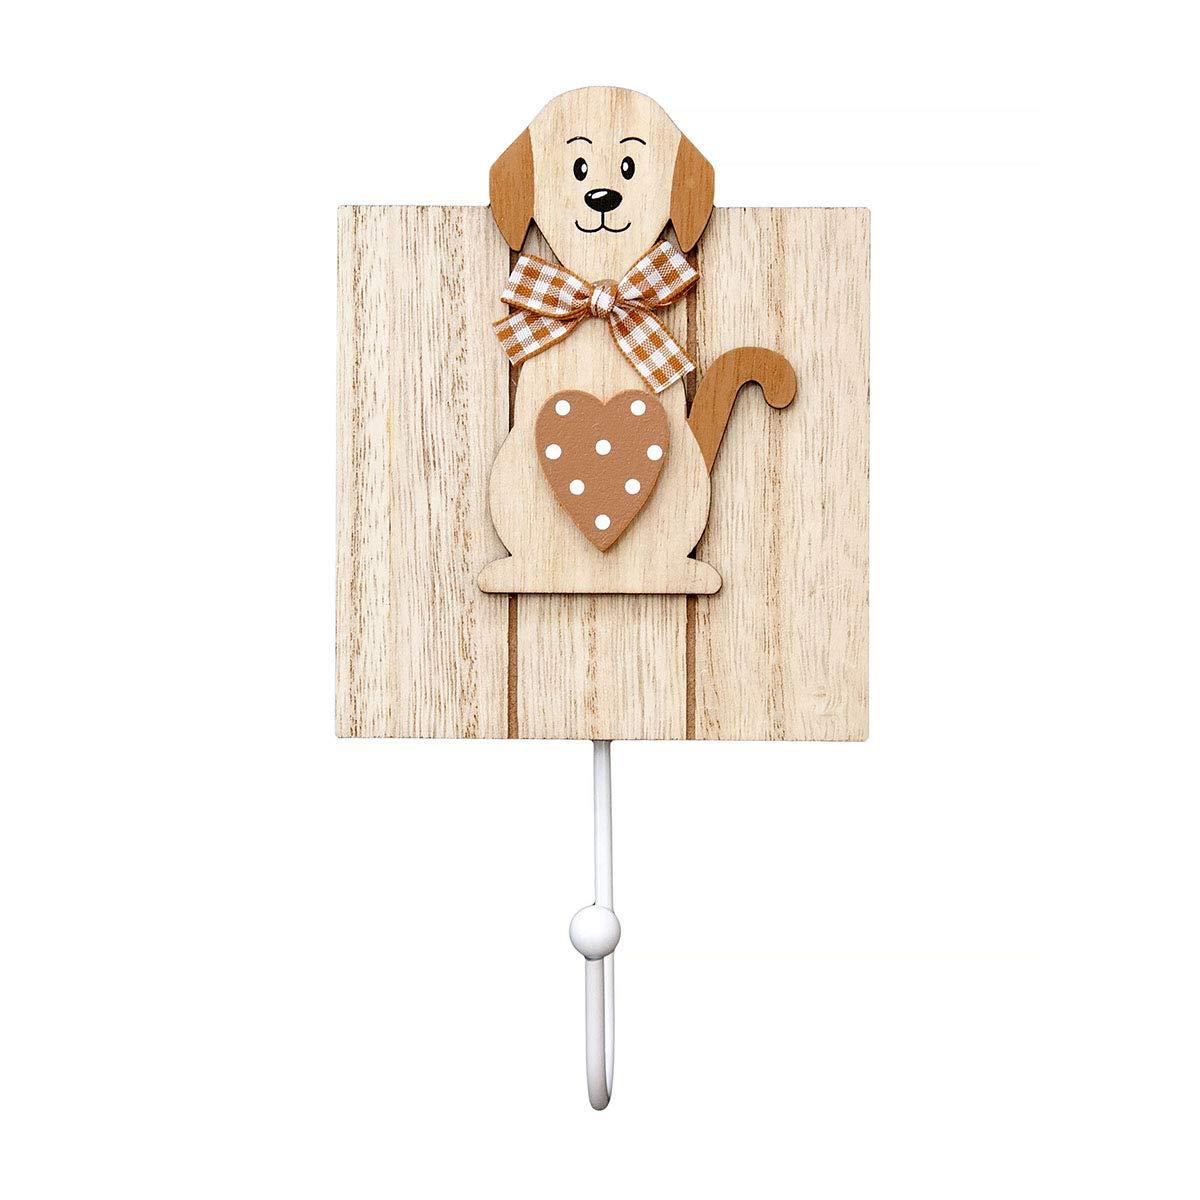 Conjunto de 3 ganchos de perchero pared madera colgador solo gancho con diseño de perro para pared o puerta en blanco y marrón diseño de perros lindo ...